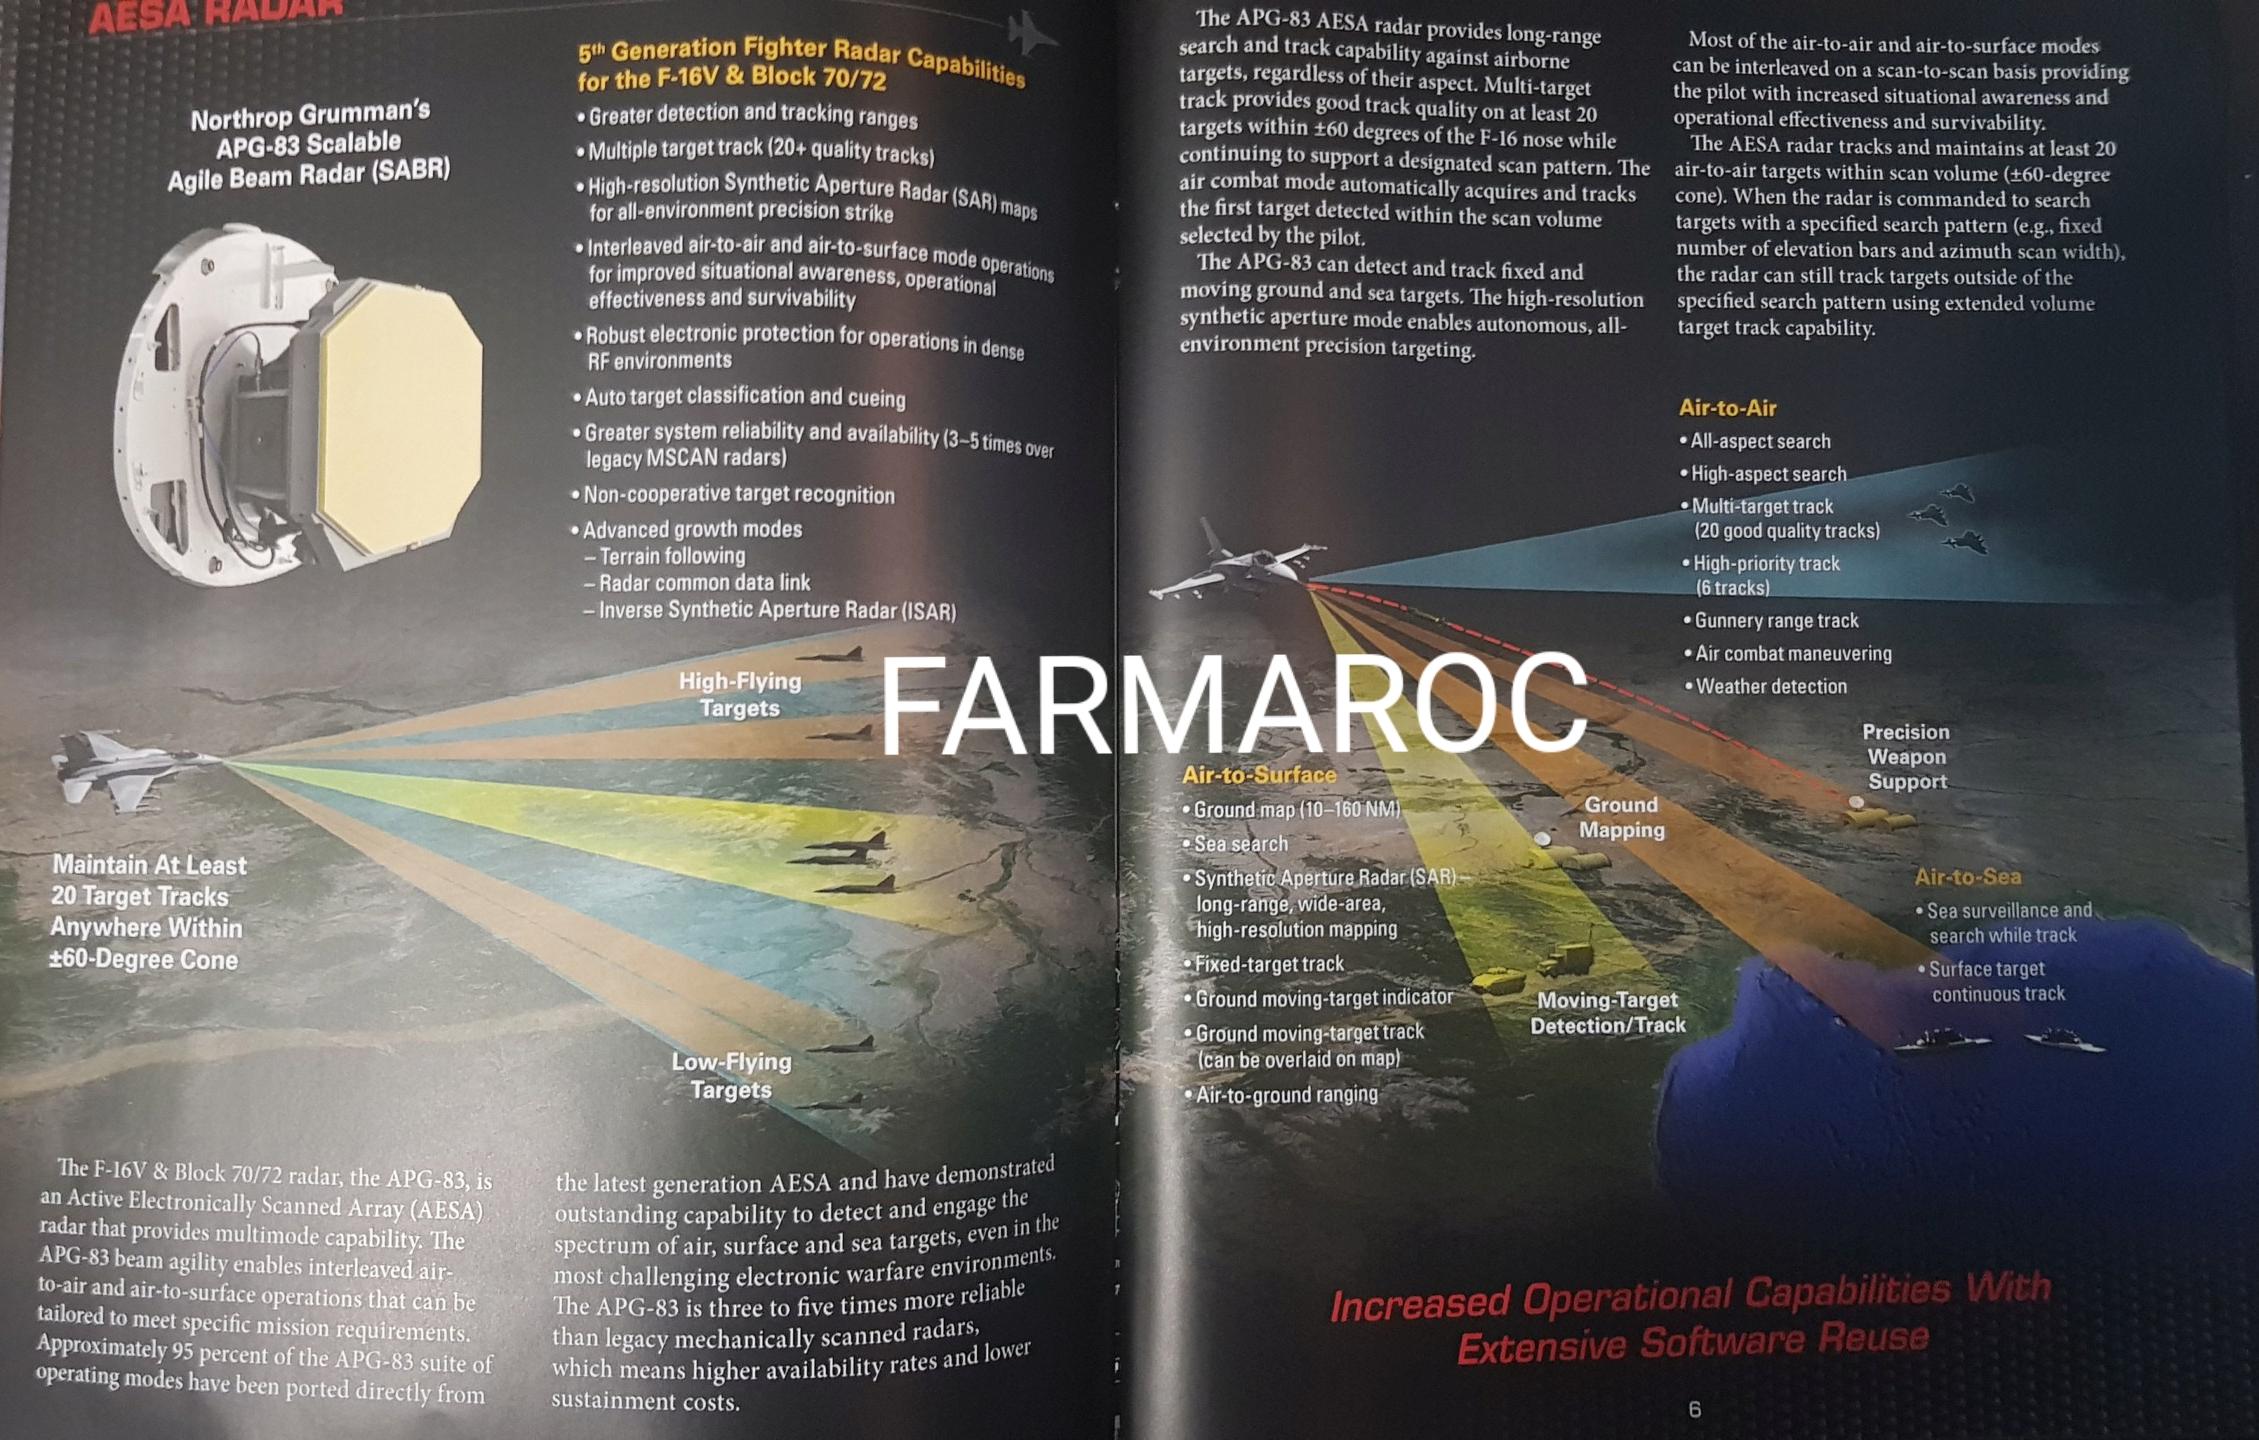 The Moroccan F-16V Viper / Block 72 program - Page 4 45580111932_74573e2e86_o